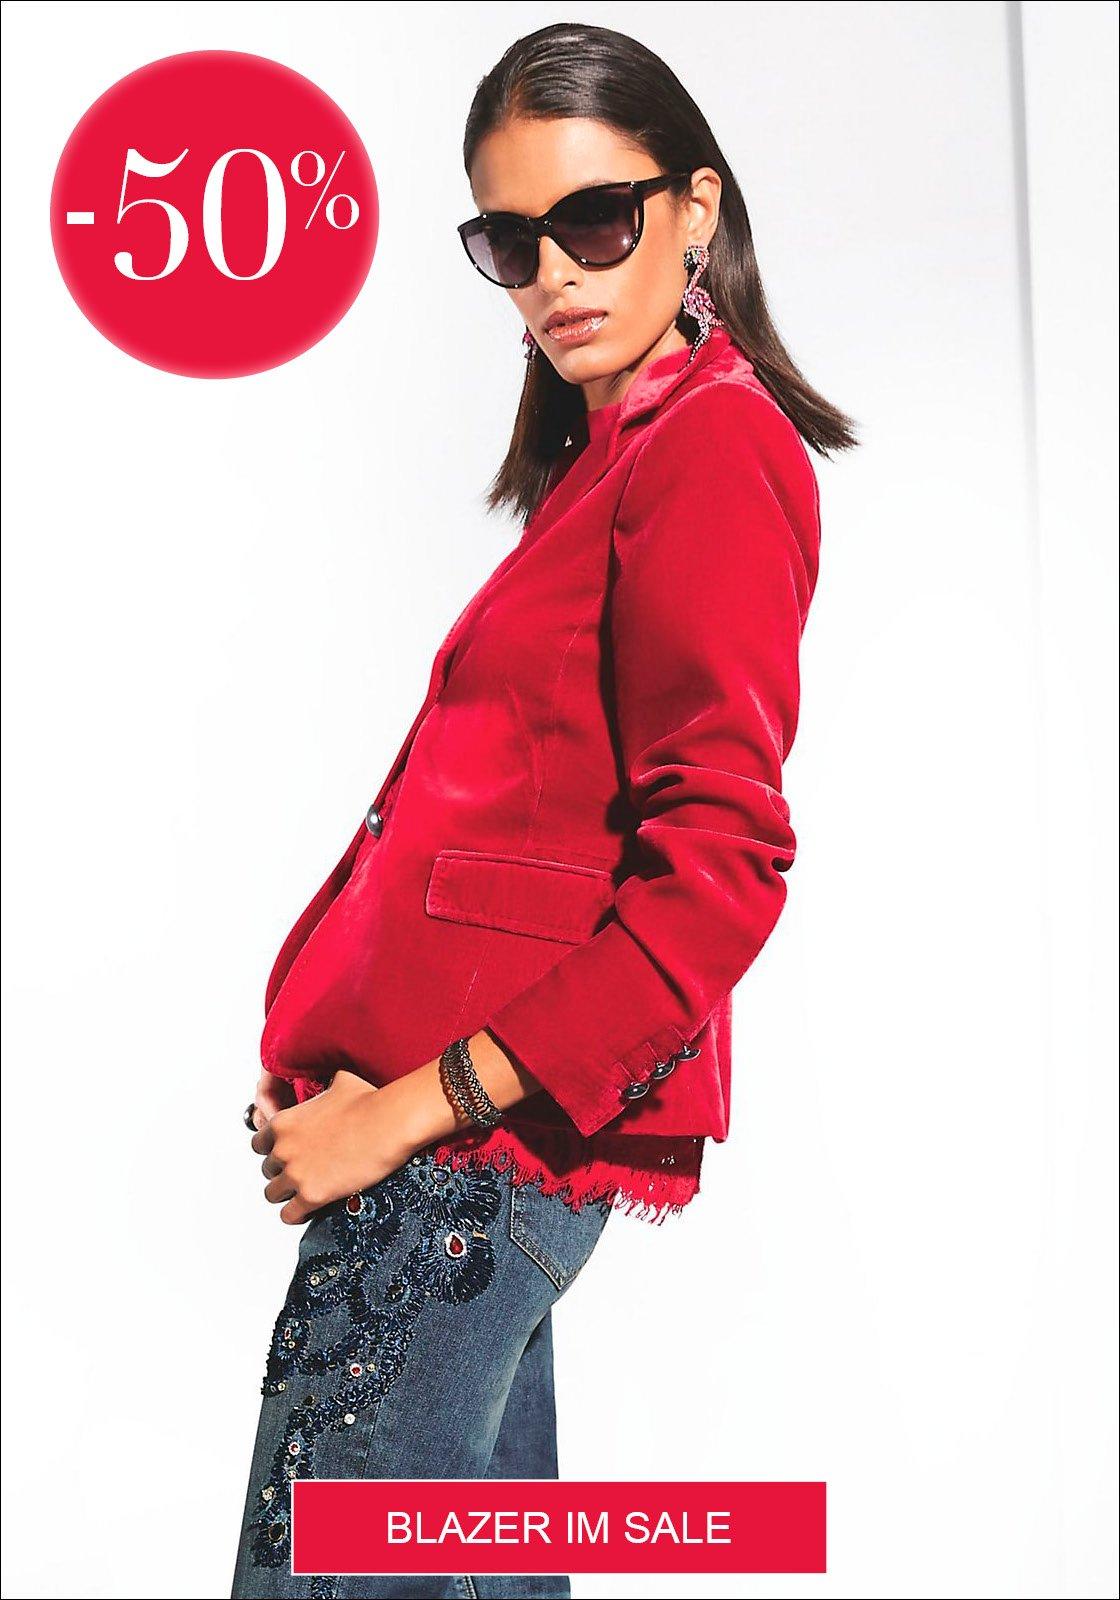 dbe5ced097f5 Exklusive Damenmode online kaufen   MADELEINE Mode Schweiz